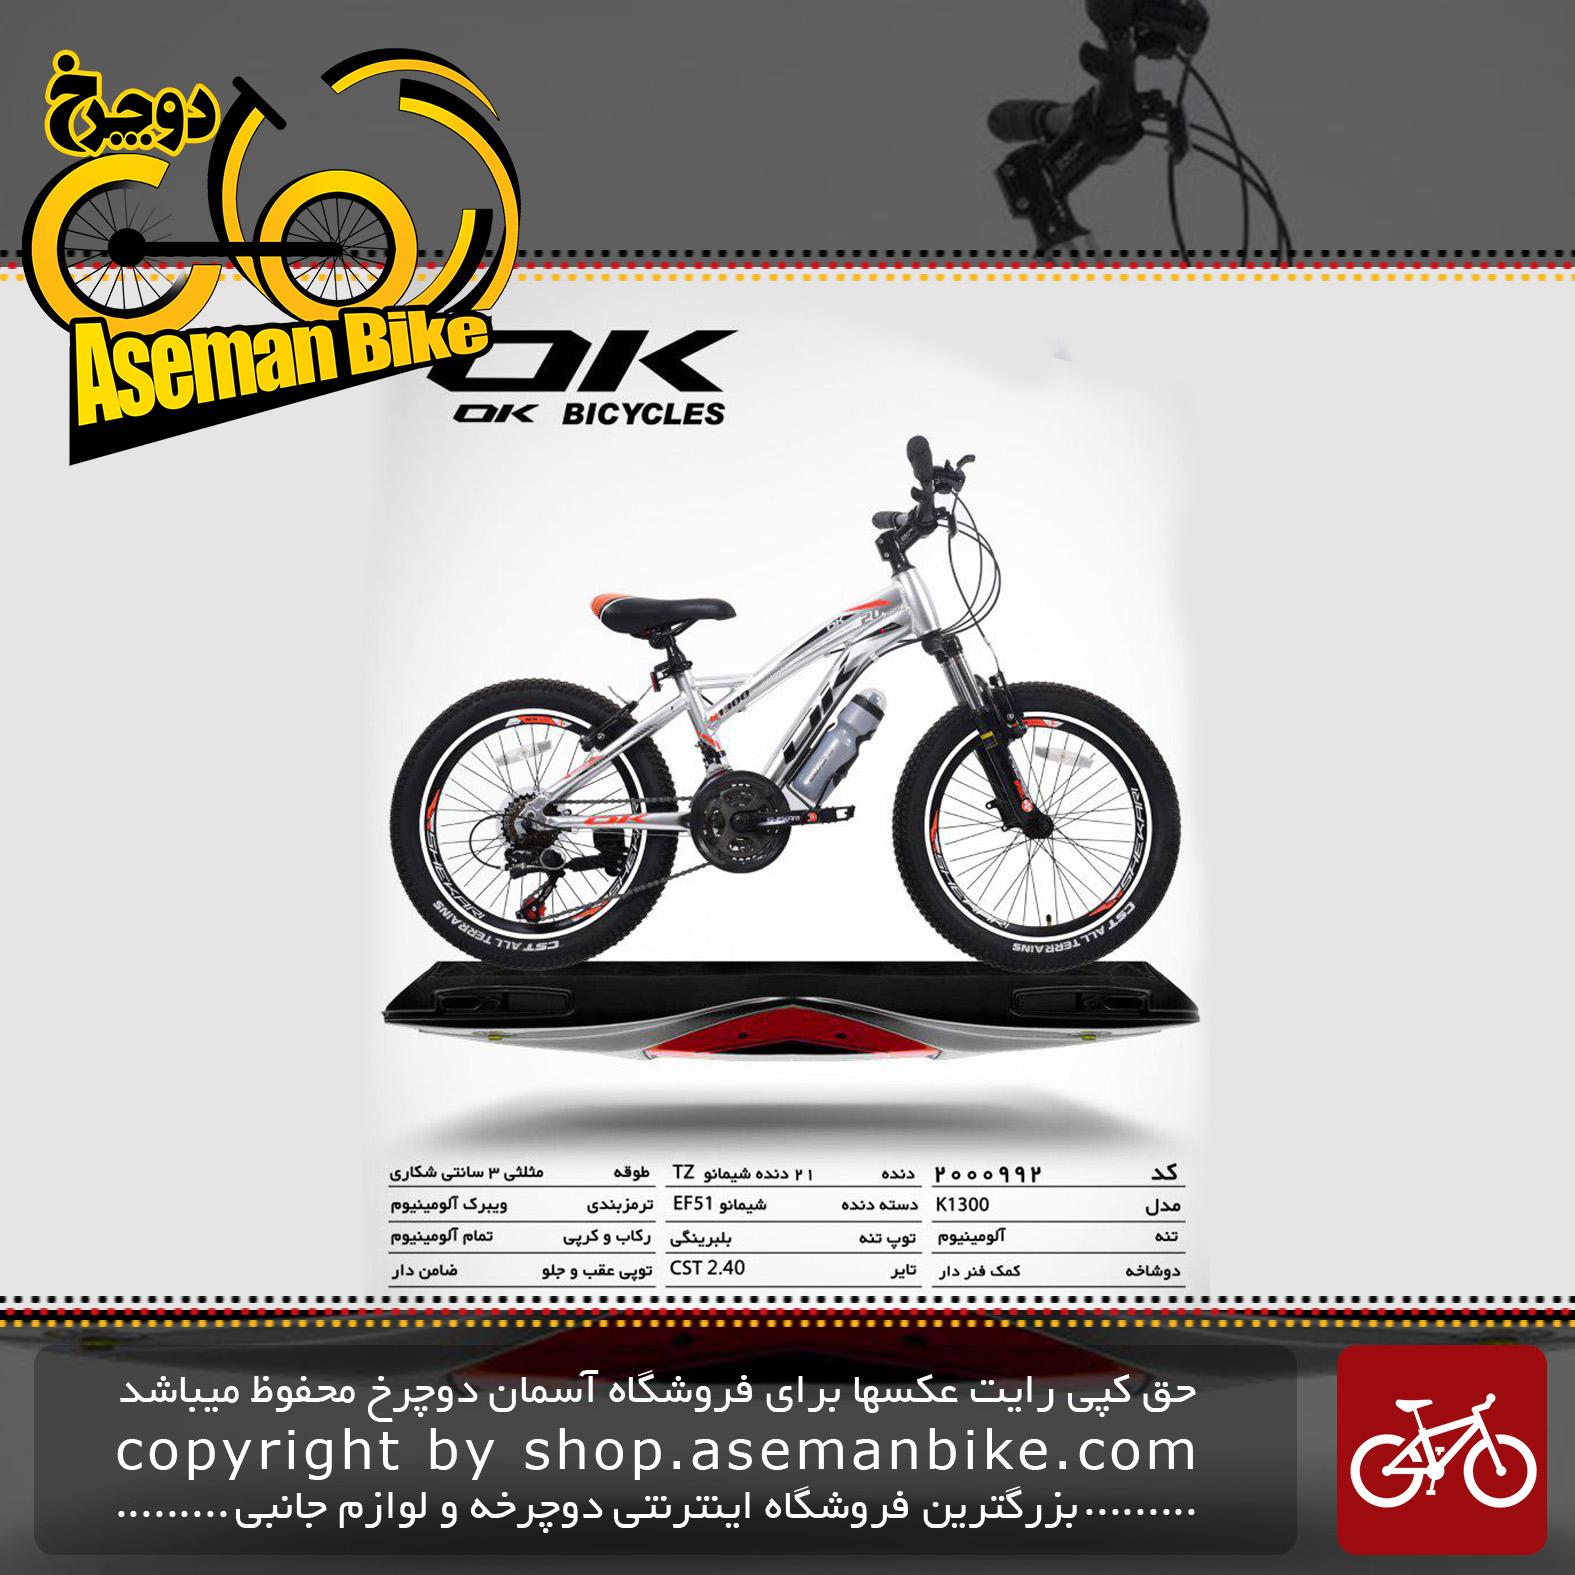 دوچرخه کوهستان شهری اوکی 21 دنده مدل کا 1300 21 دنده سایز 20 ساخت تایوان OK Mountain City Bicycle Taiwan K1300 20 2019